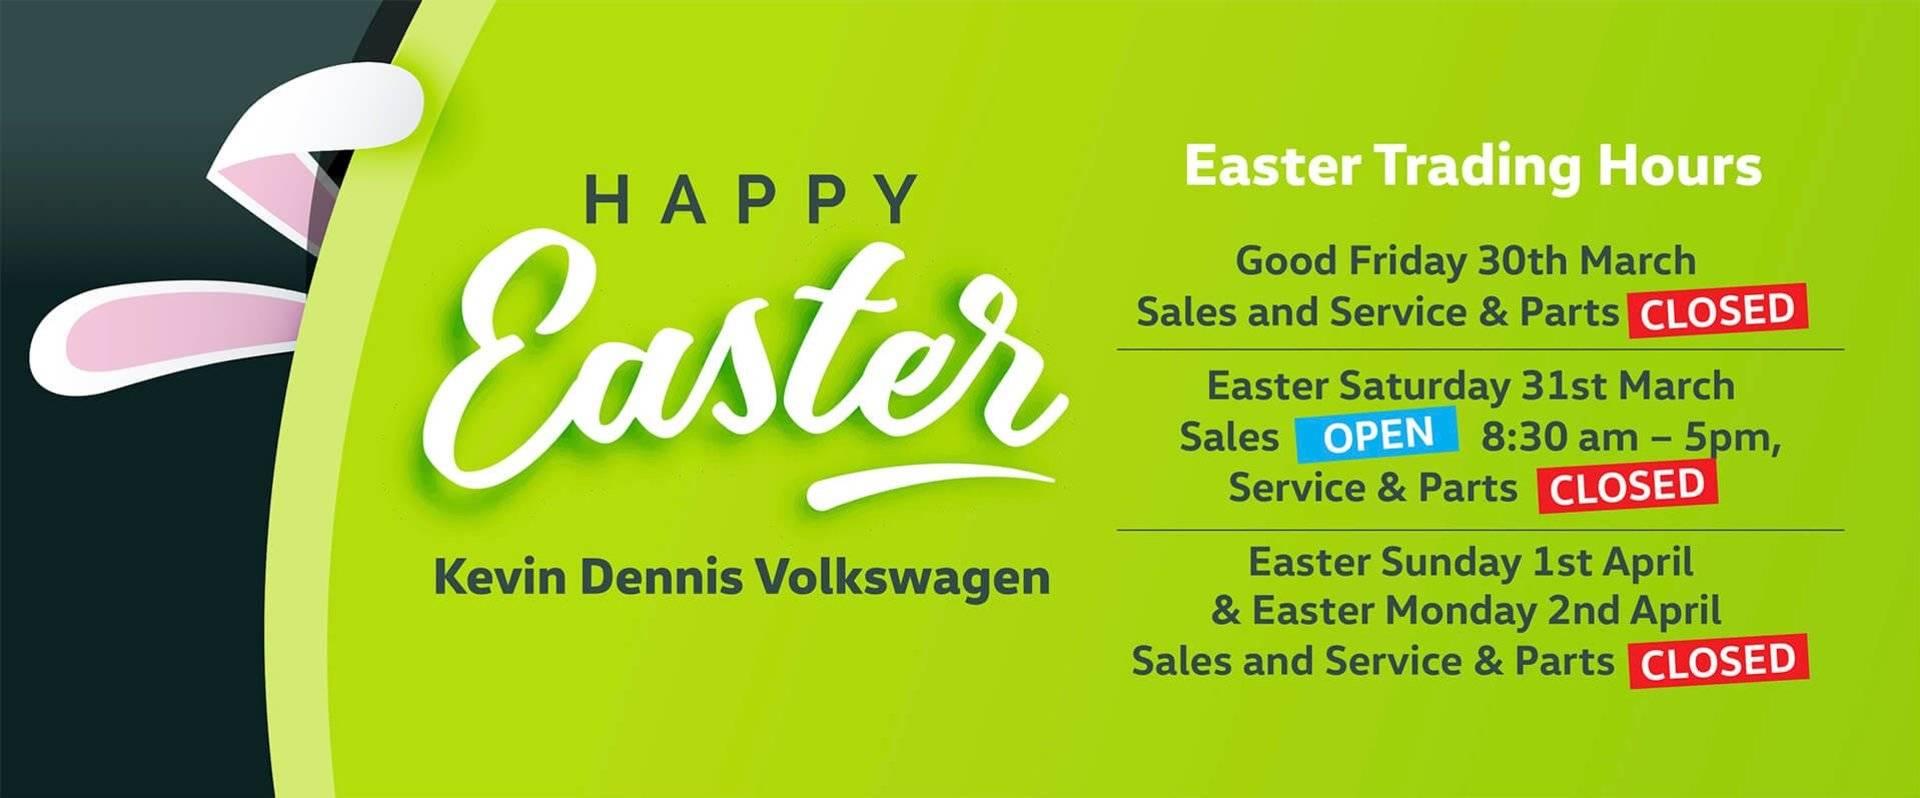 Easter Trading Hours | Kevin Dennis Volkswagen